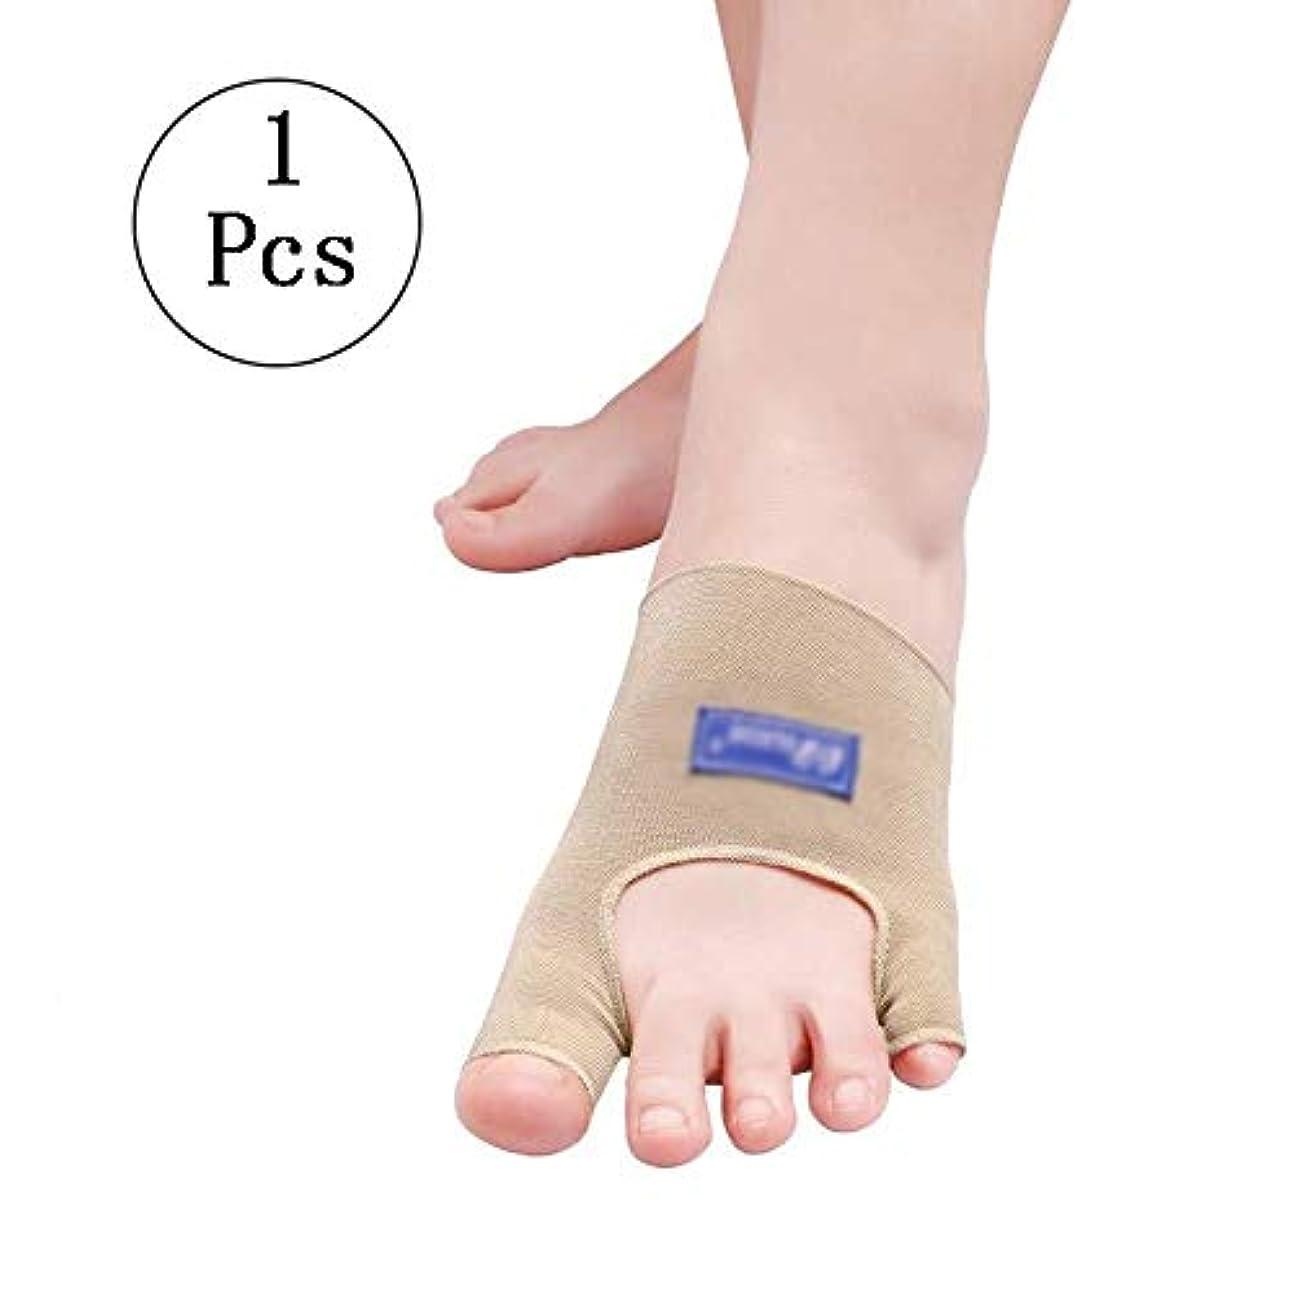 広大な博覧会採用GRX-DDYつま先つま先外反スプレッダー大きな足骨装具包帯快適な通気性の高い弾力性は、つま先の痛みの痛みを和らげます,RightFoot